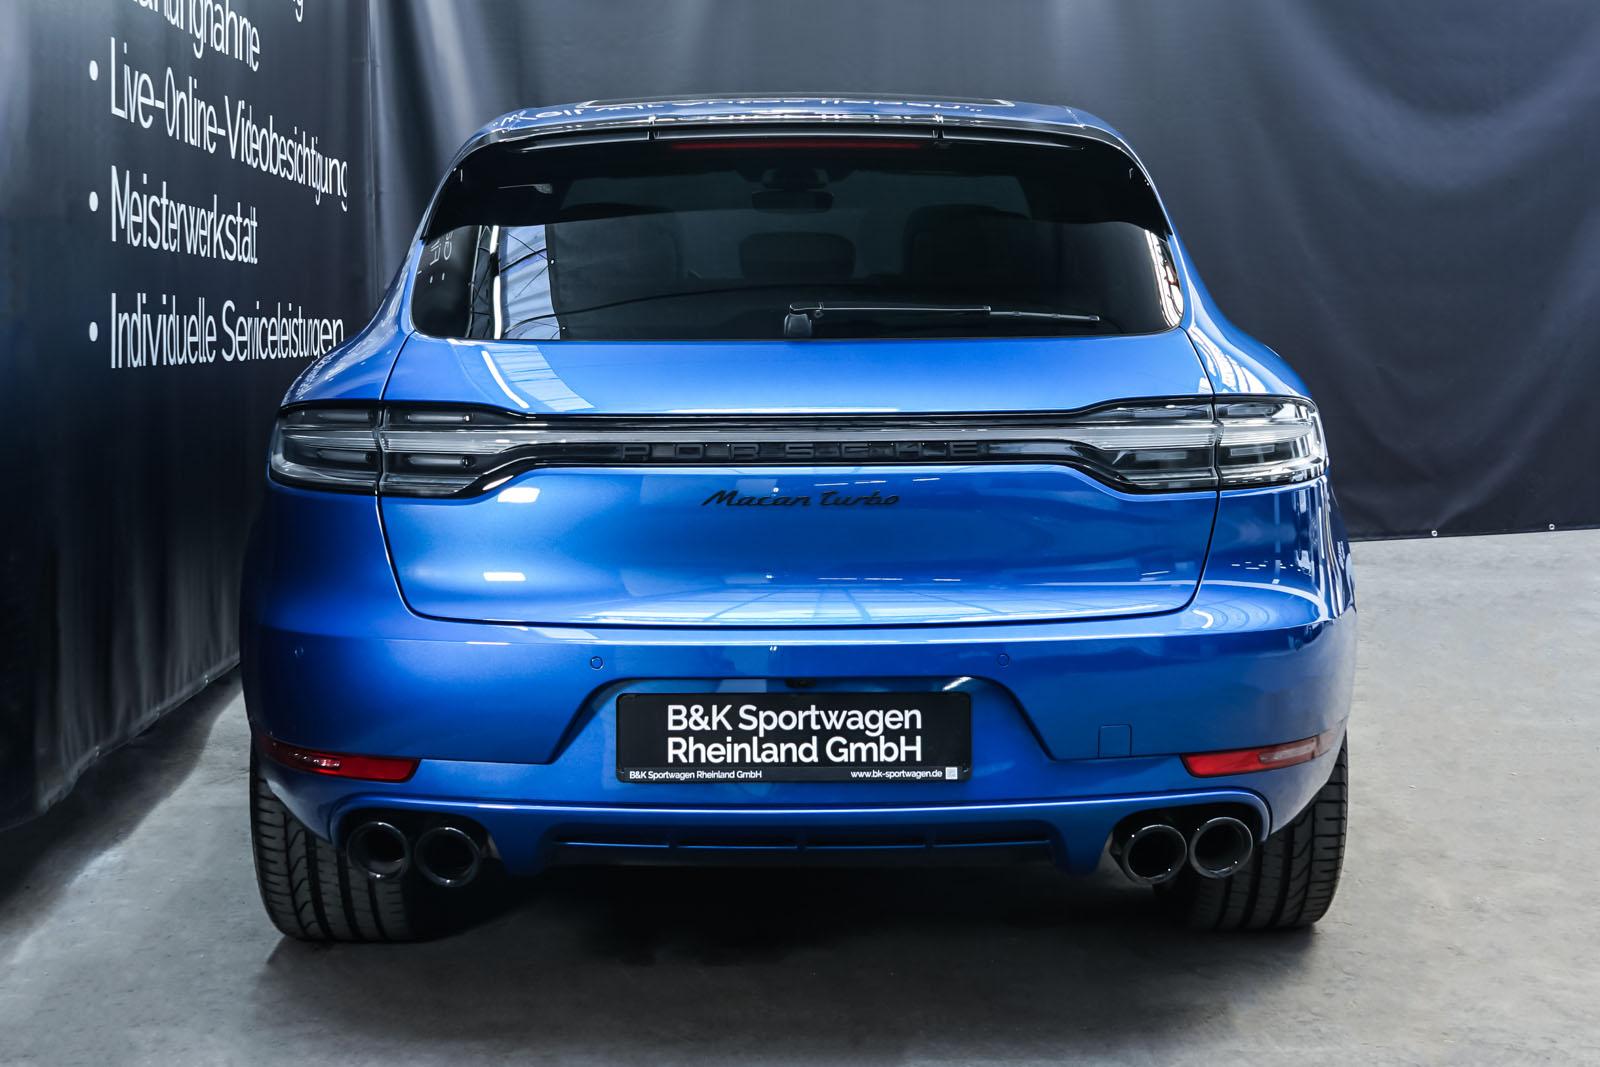 Porsche_Macan_Turbo_Blau_Weiß_POR-2038_16_w